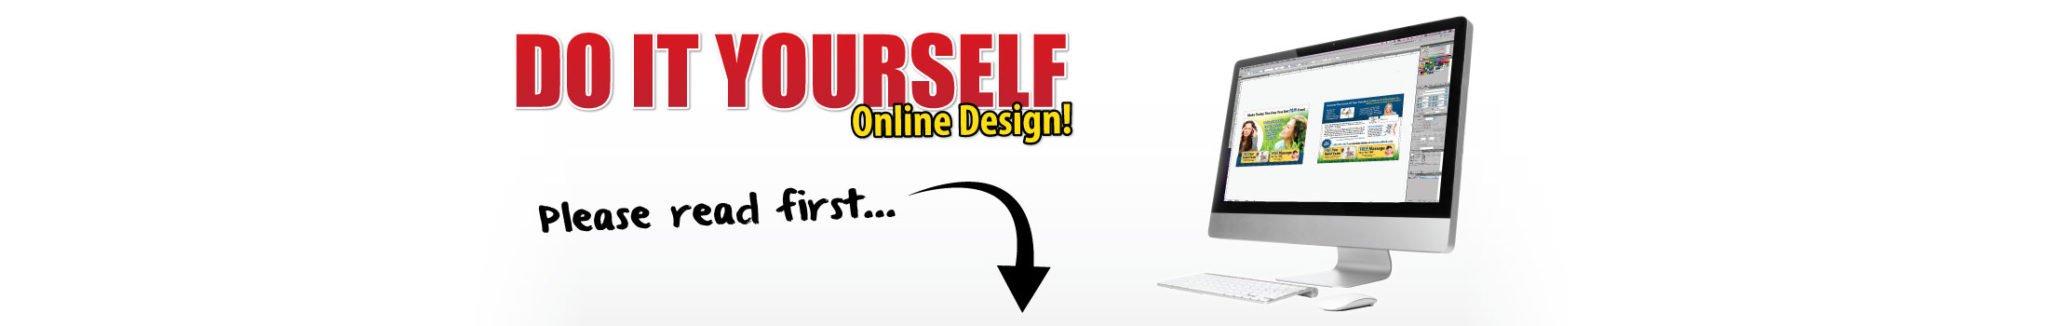 diy online design, chiropractic print materials